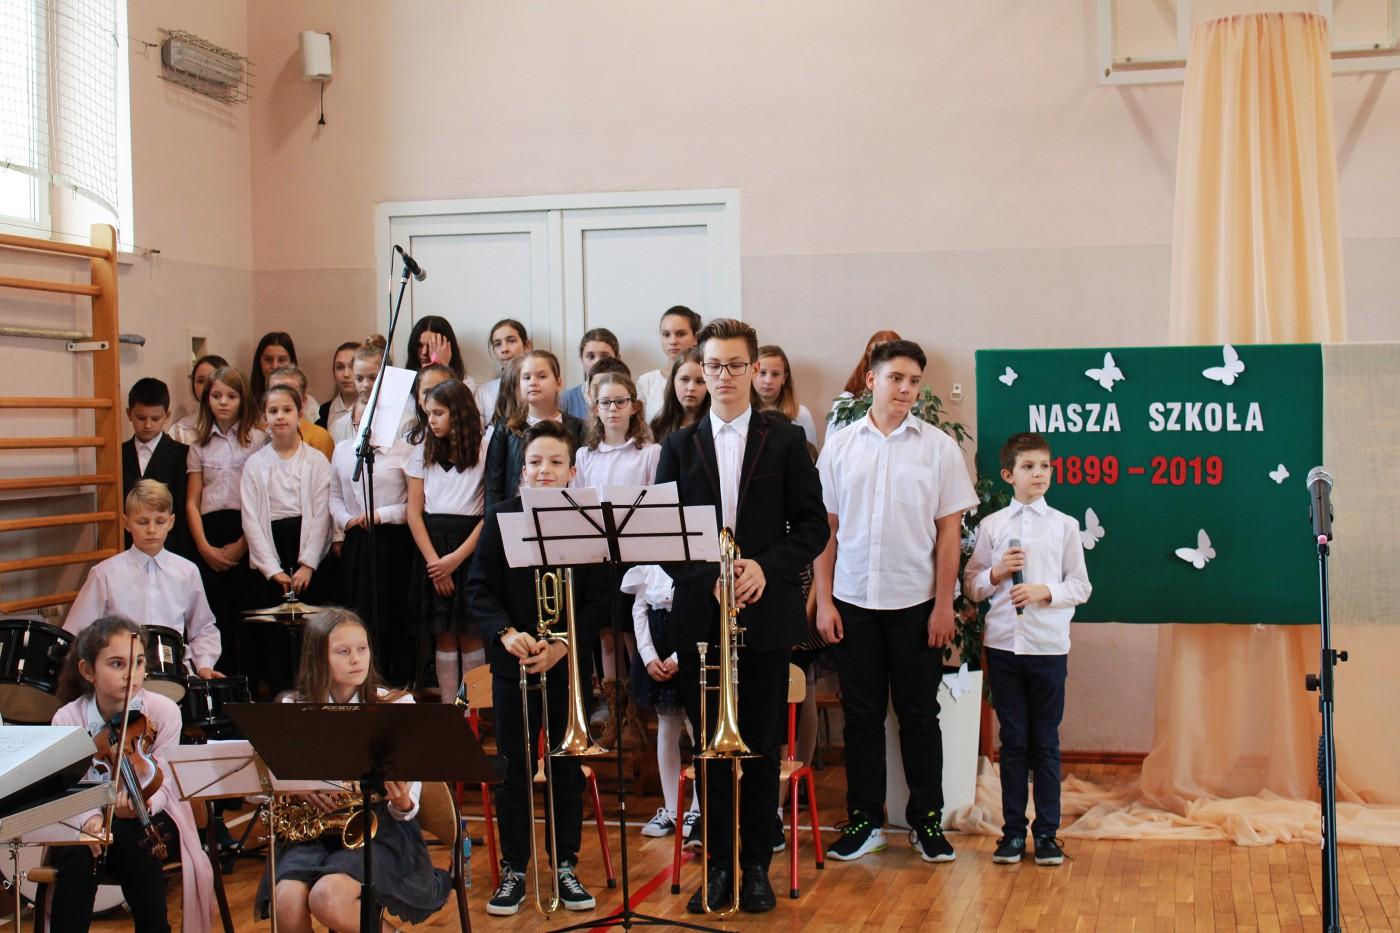 Szkoła Podstawowa nr 1 w Żywcu  obchodzi 120-lecie [foto]